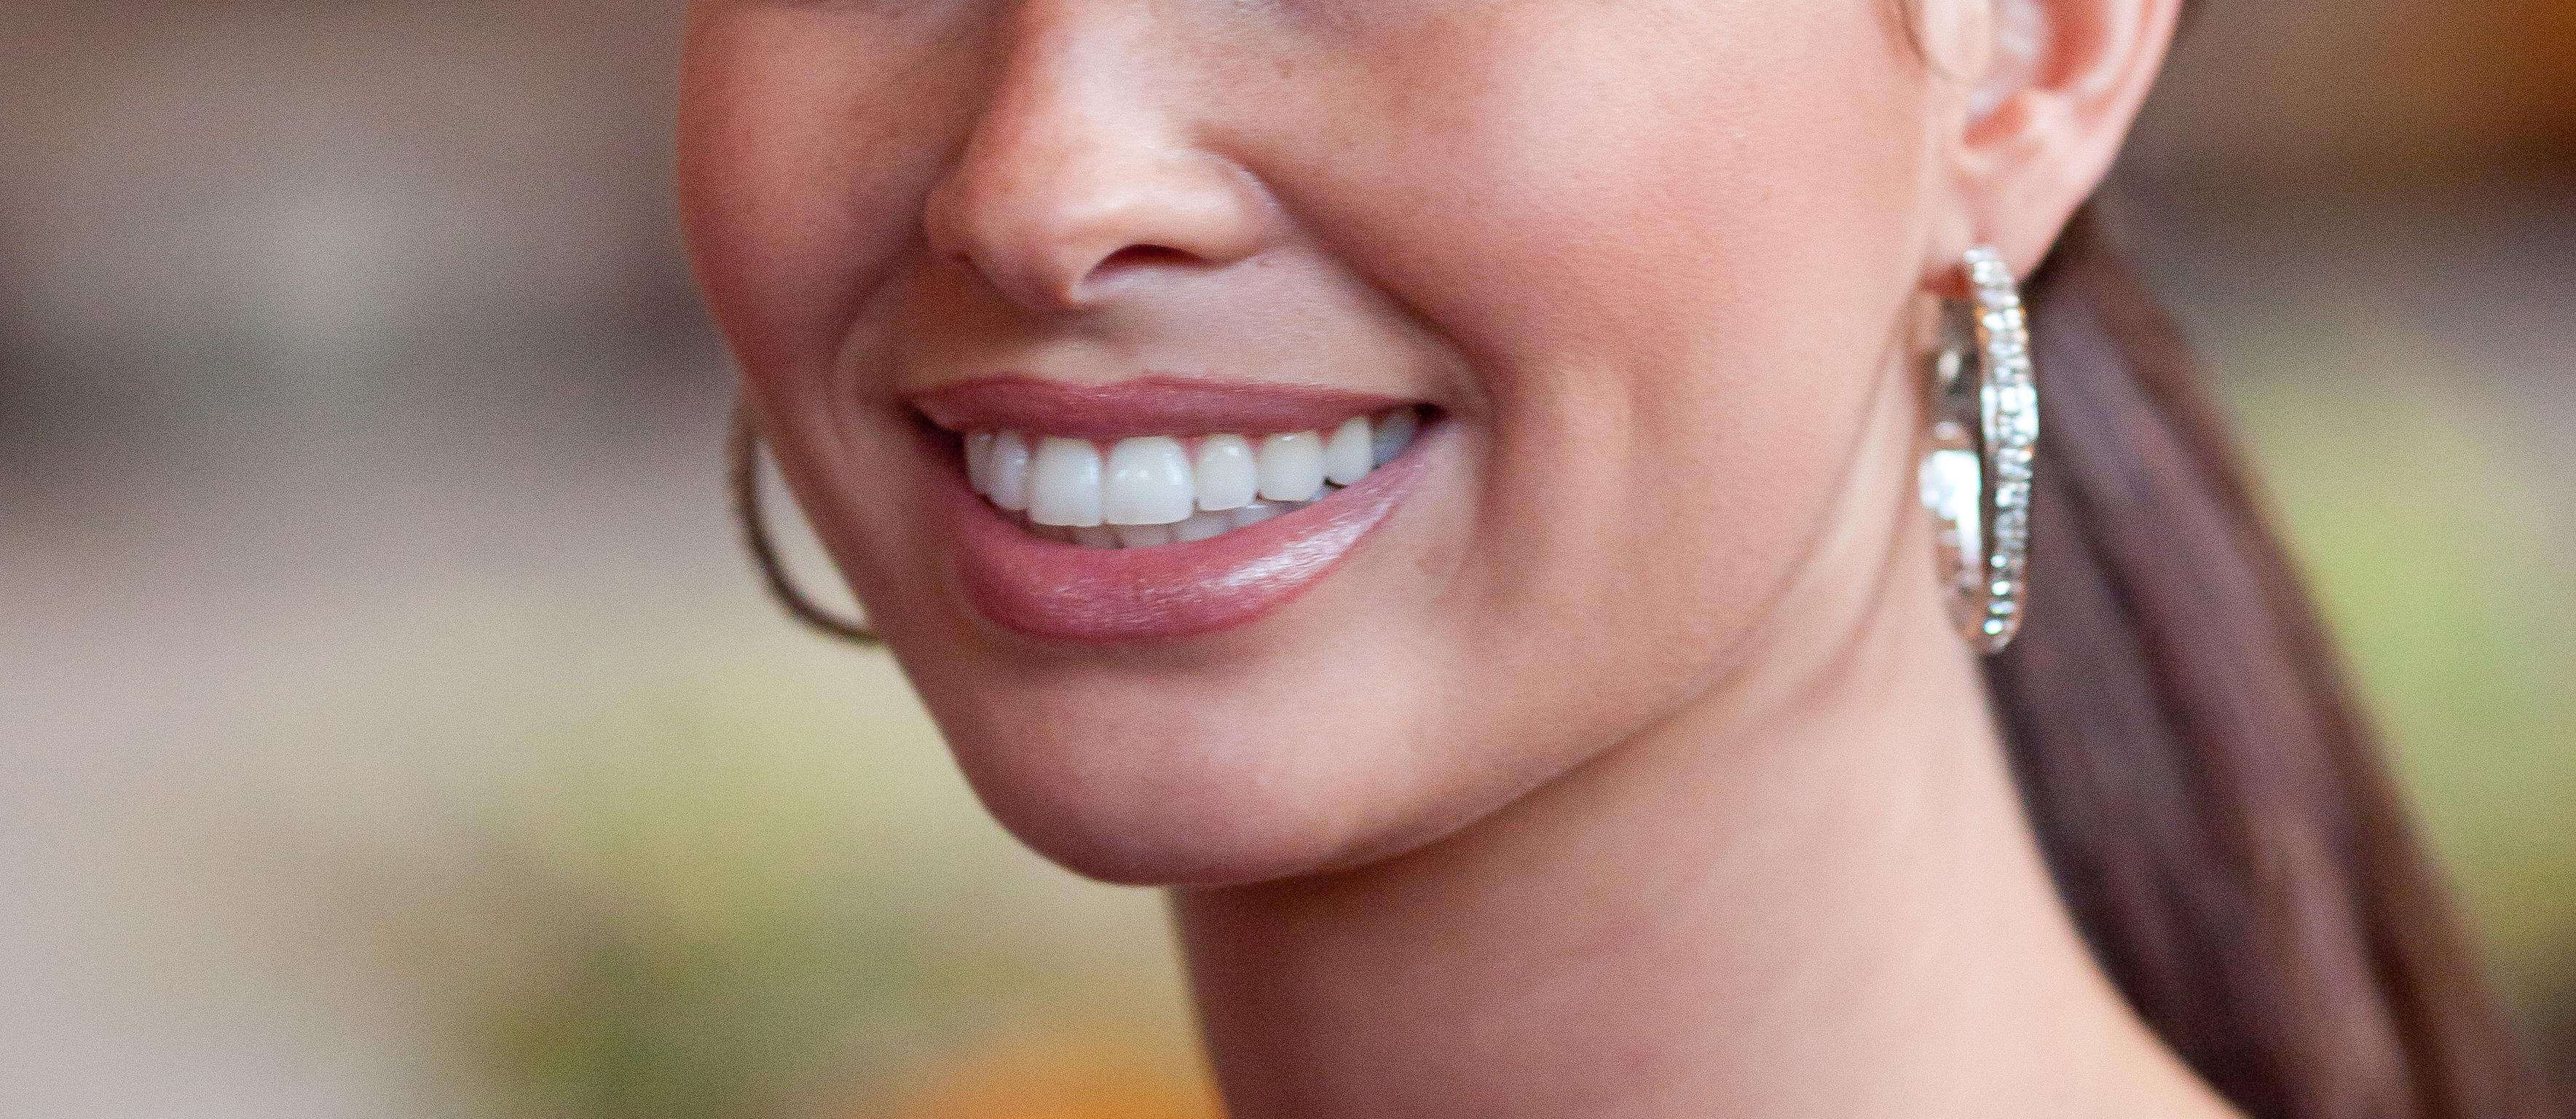 Profesionales en Ortodoncia y estética dental en Madrid